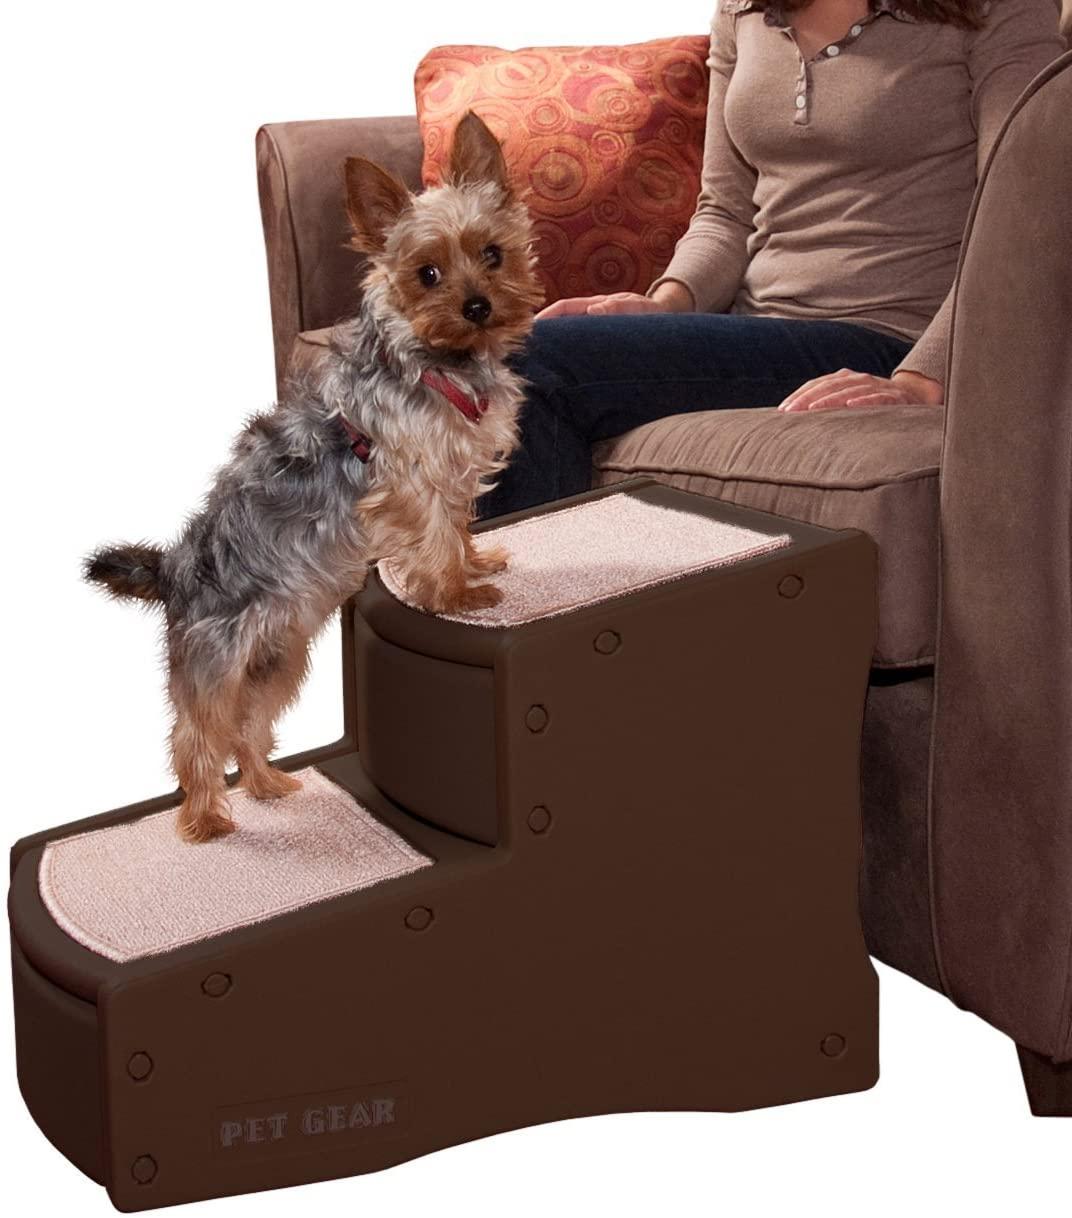 #2 Pet Gear Easy Step II Escalera para perros de 2 escalones